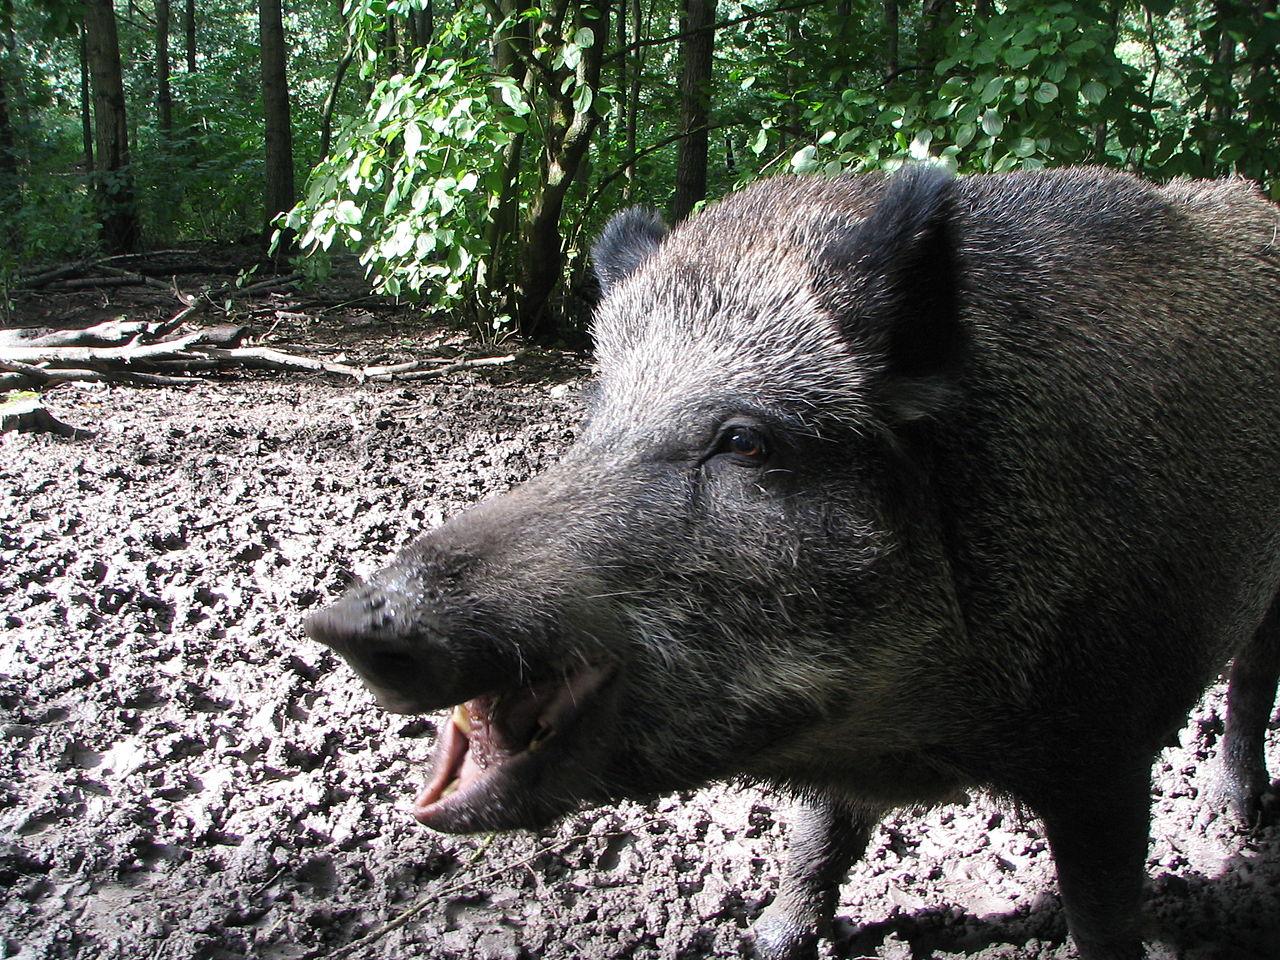 Holiday in Tuscany - AlbaToscana: The wild boar driven hunt